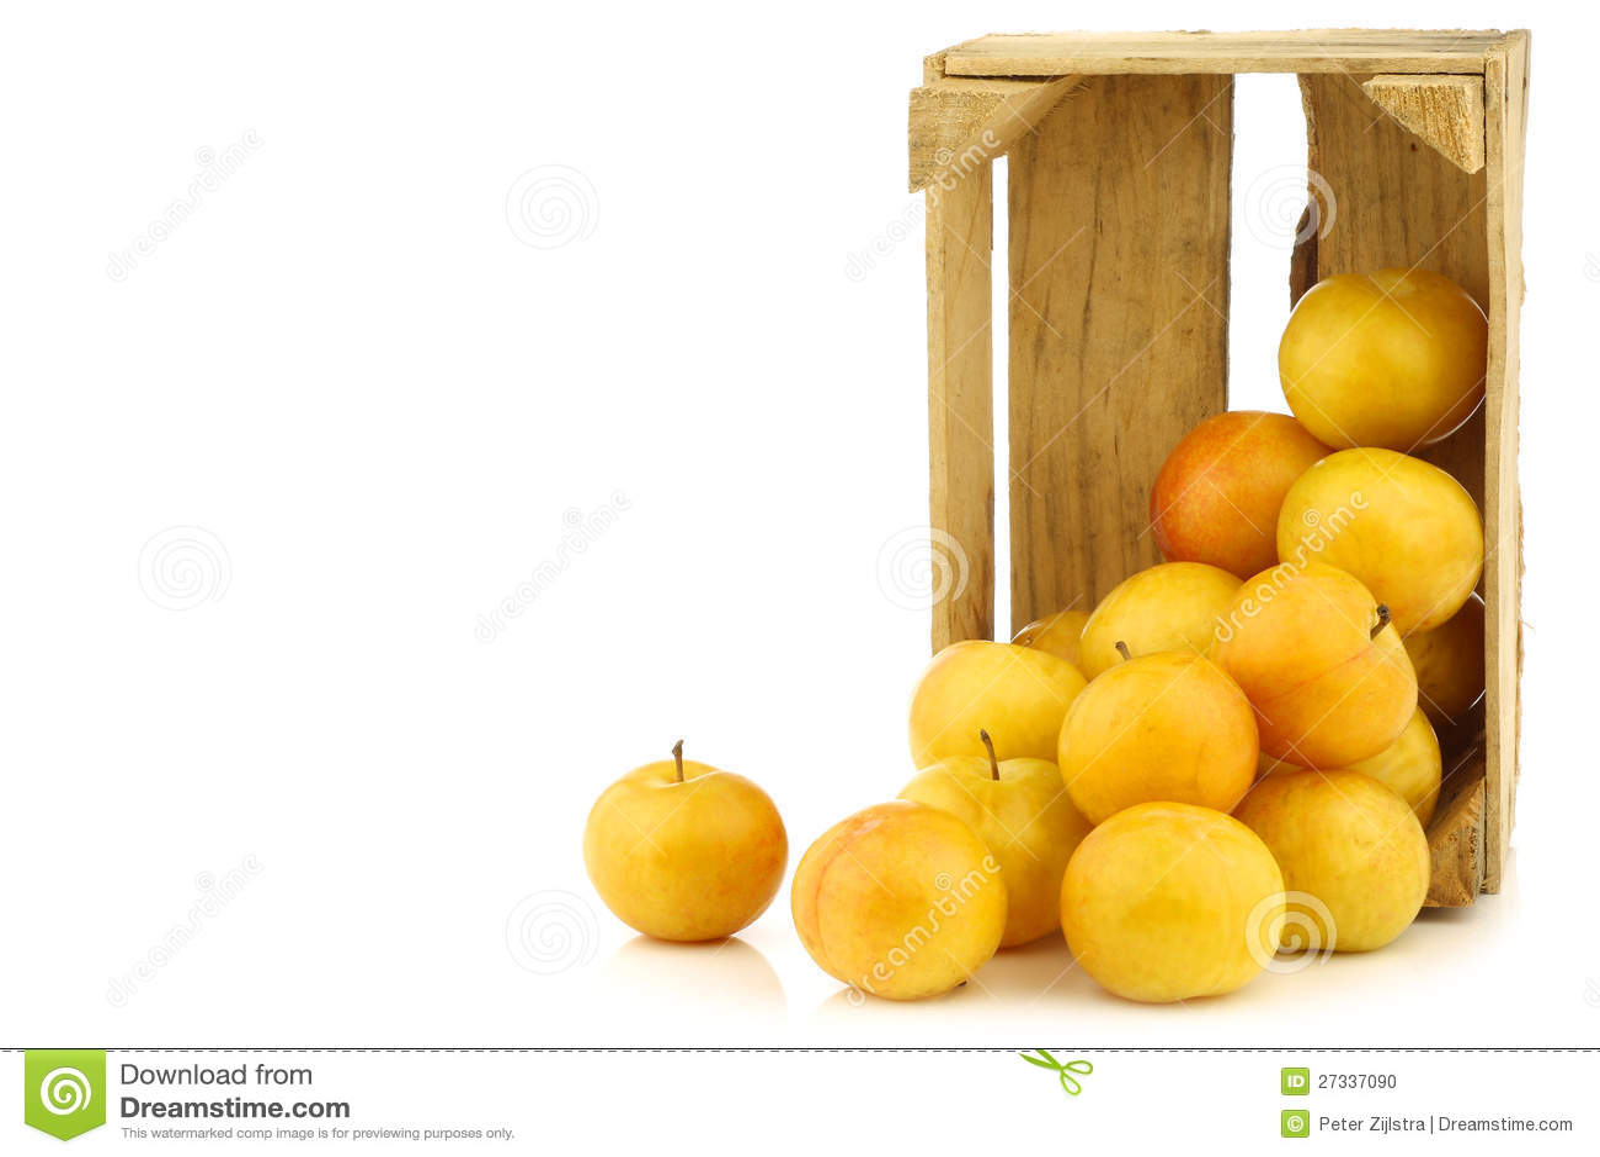 Свежие желтые сливы в деревянной клети